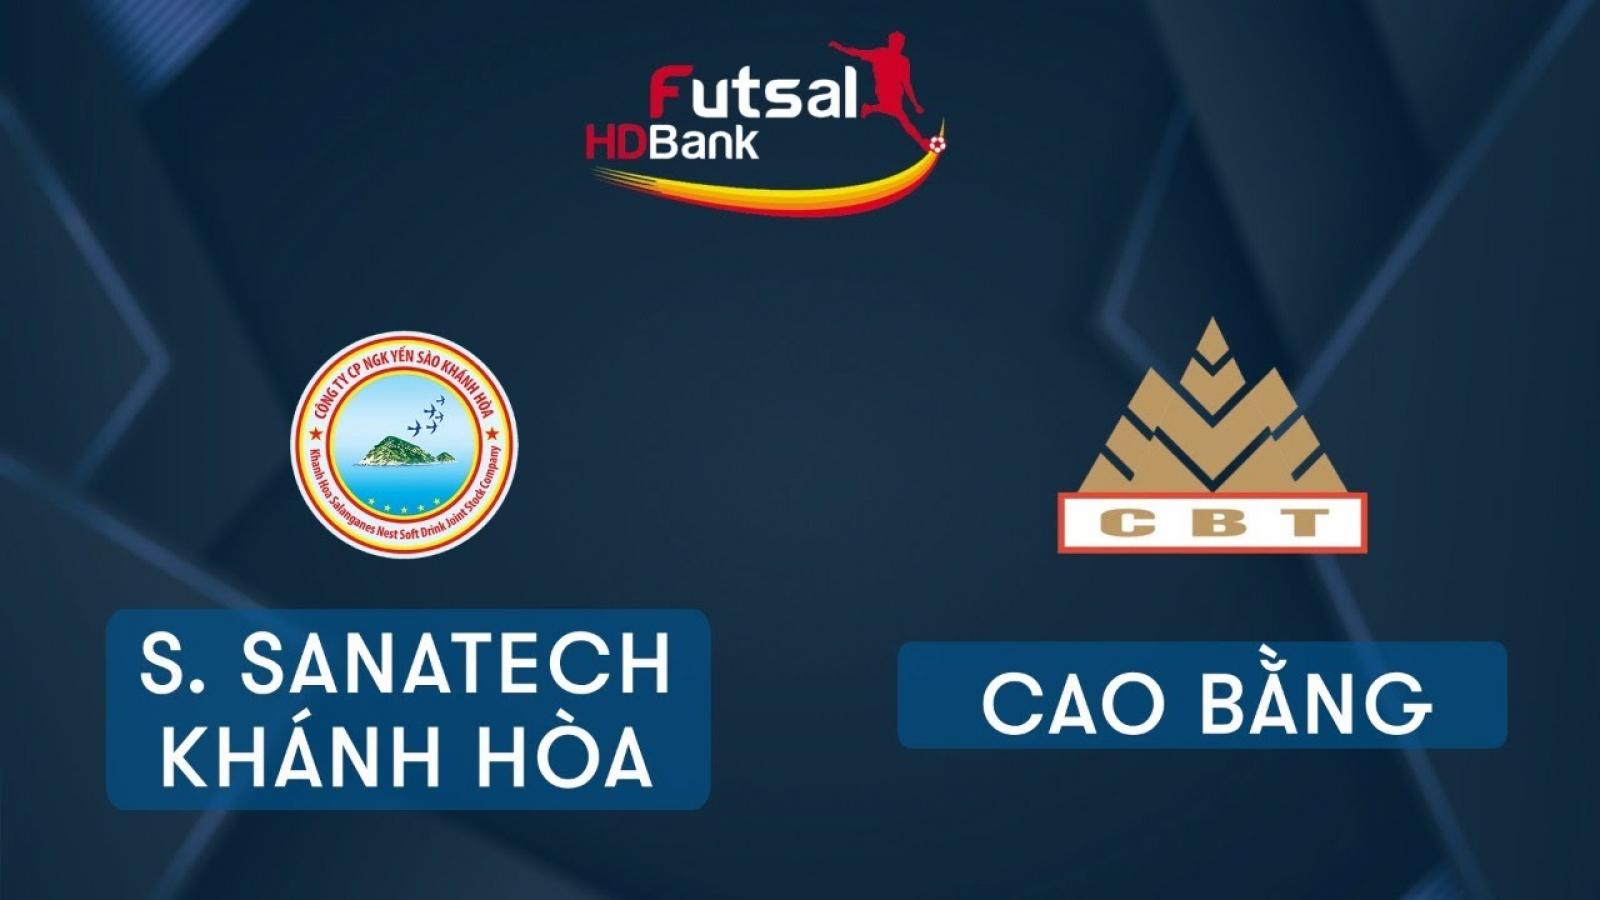 TRỰC TIẾP Savinest Sanatech Khánh Hòa vs Cao Bằng tại Giải Futsal HDBank 2020